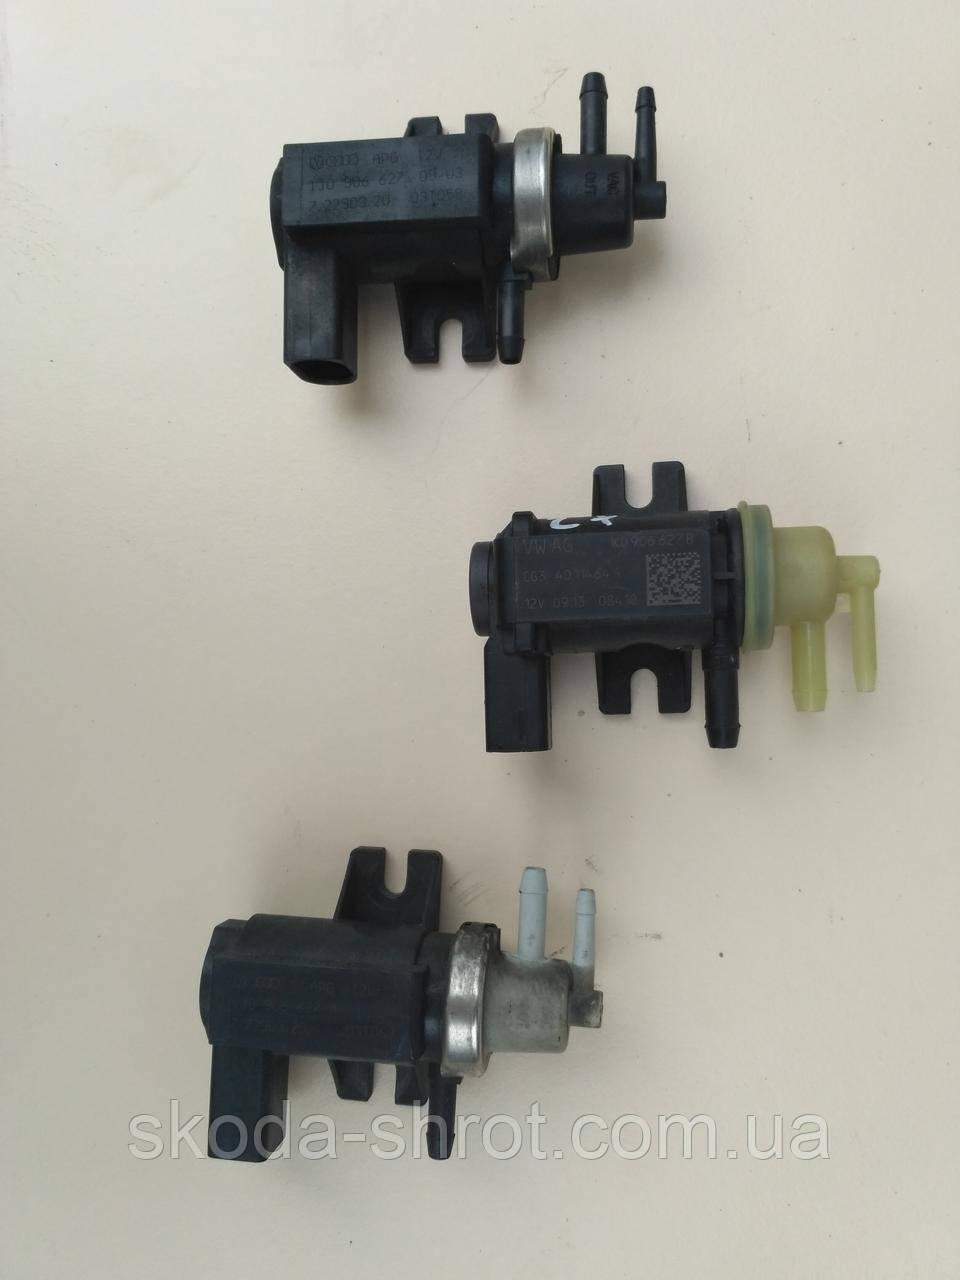 Клапан турбины, преобразователь давления, турбокомпрессор, 1J0906627 №18